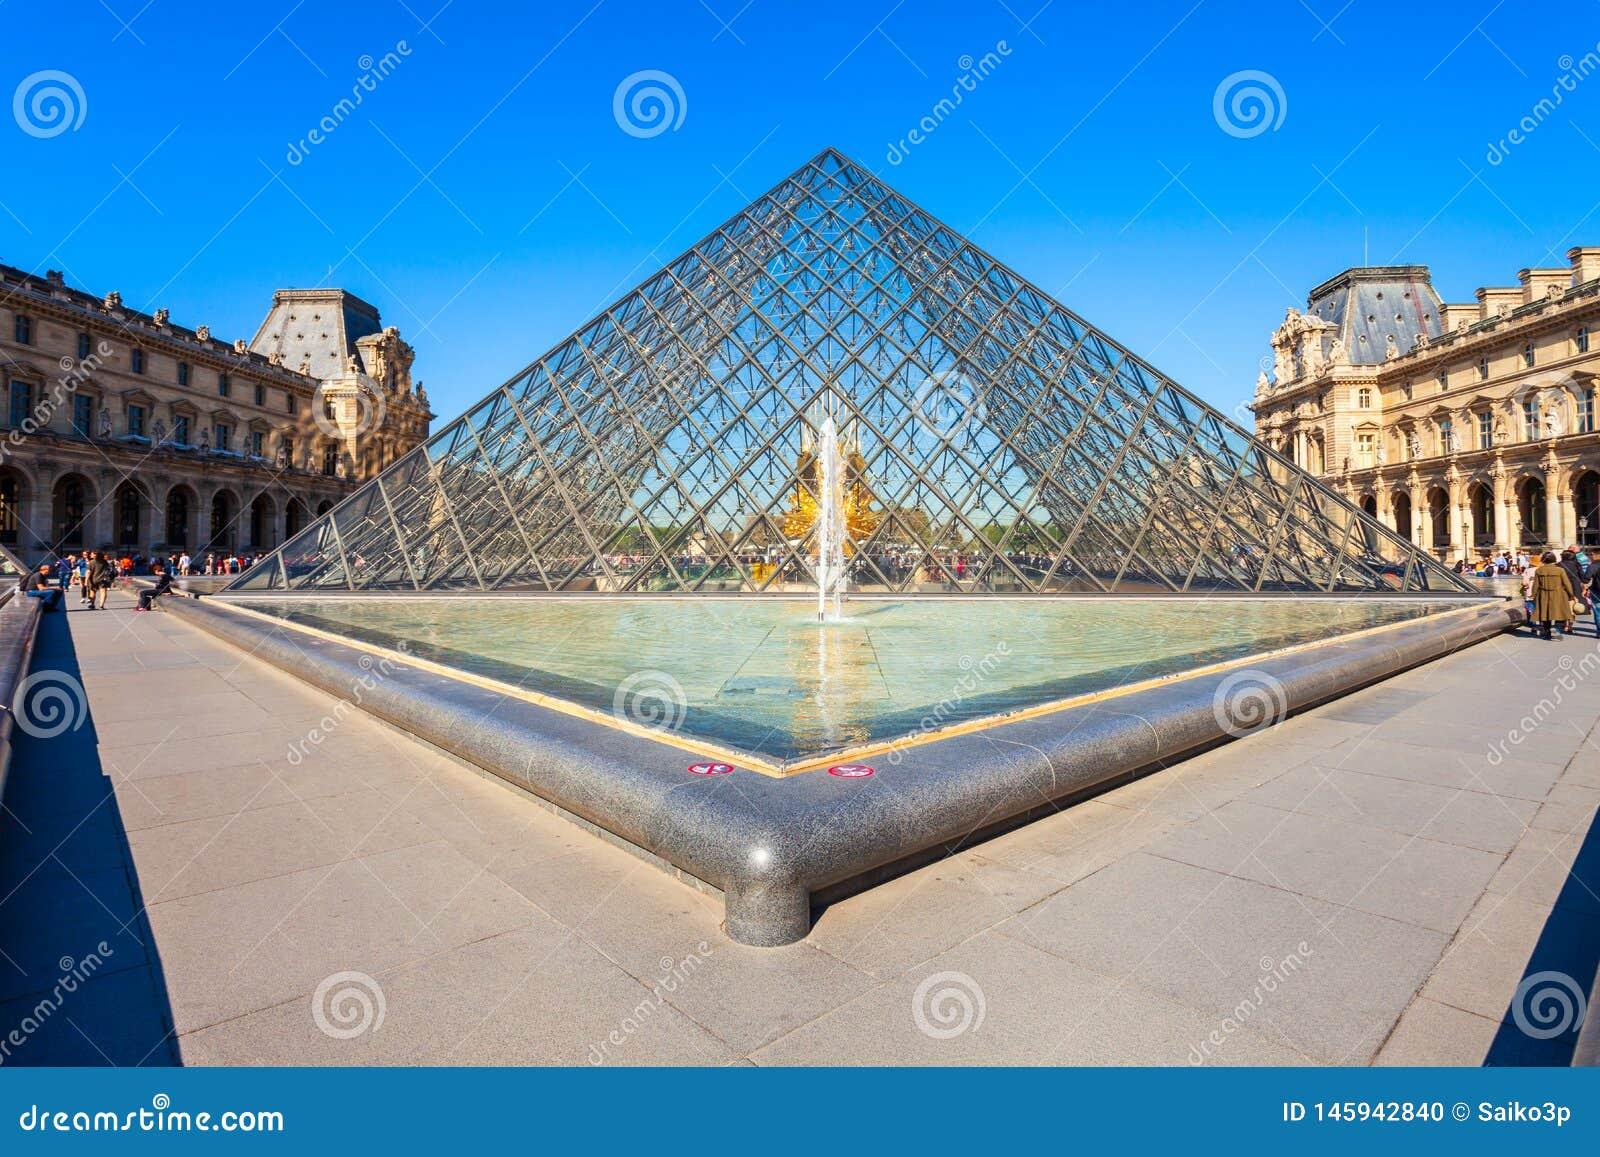 Museo del Louvre en Par?s